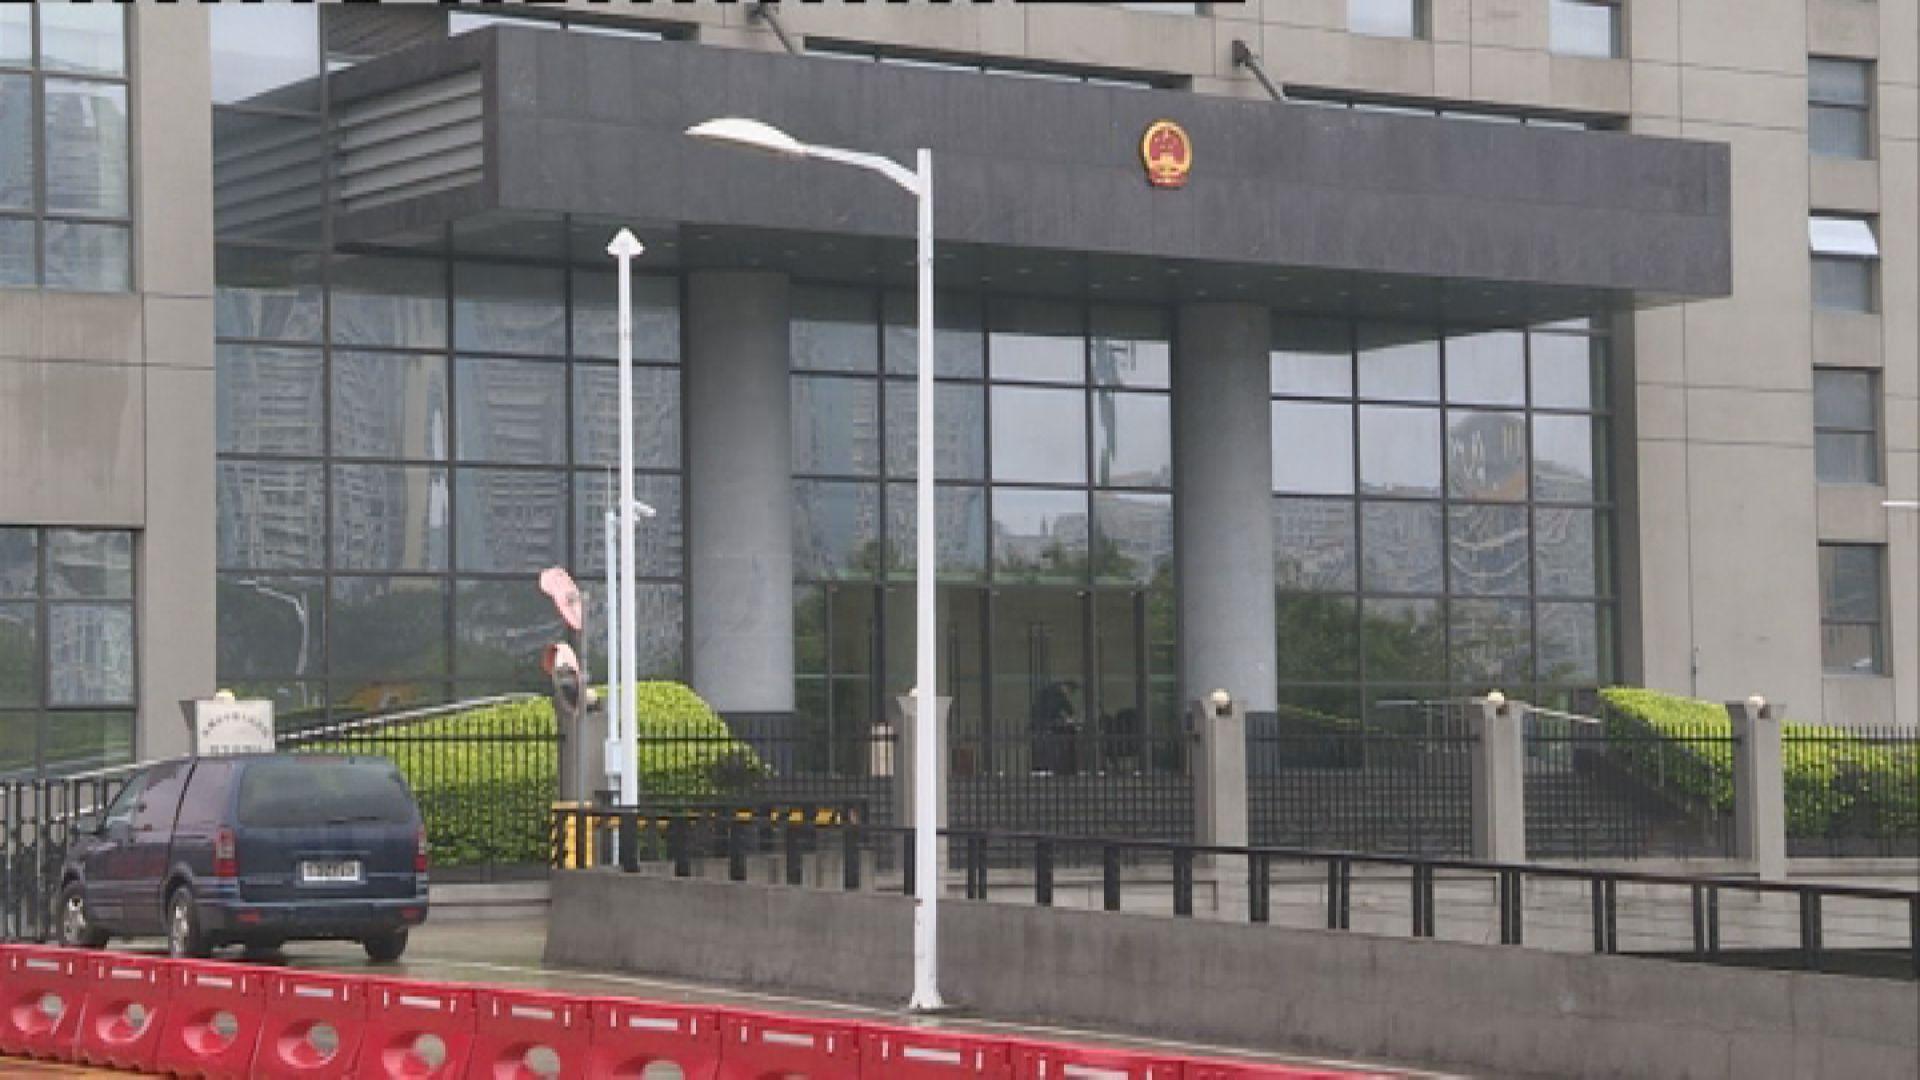 12港人案下周一開審 家屬質疑秘密審訊違陽光司法原則